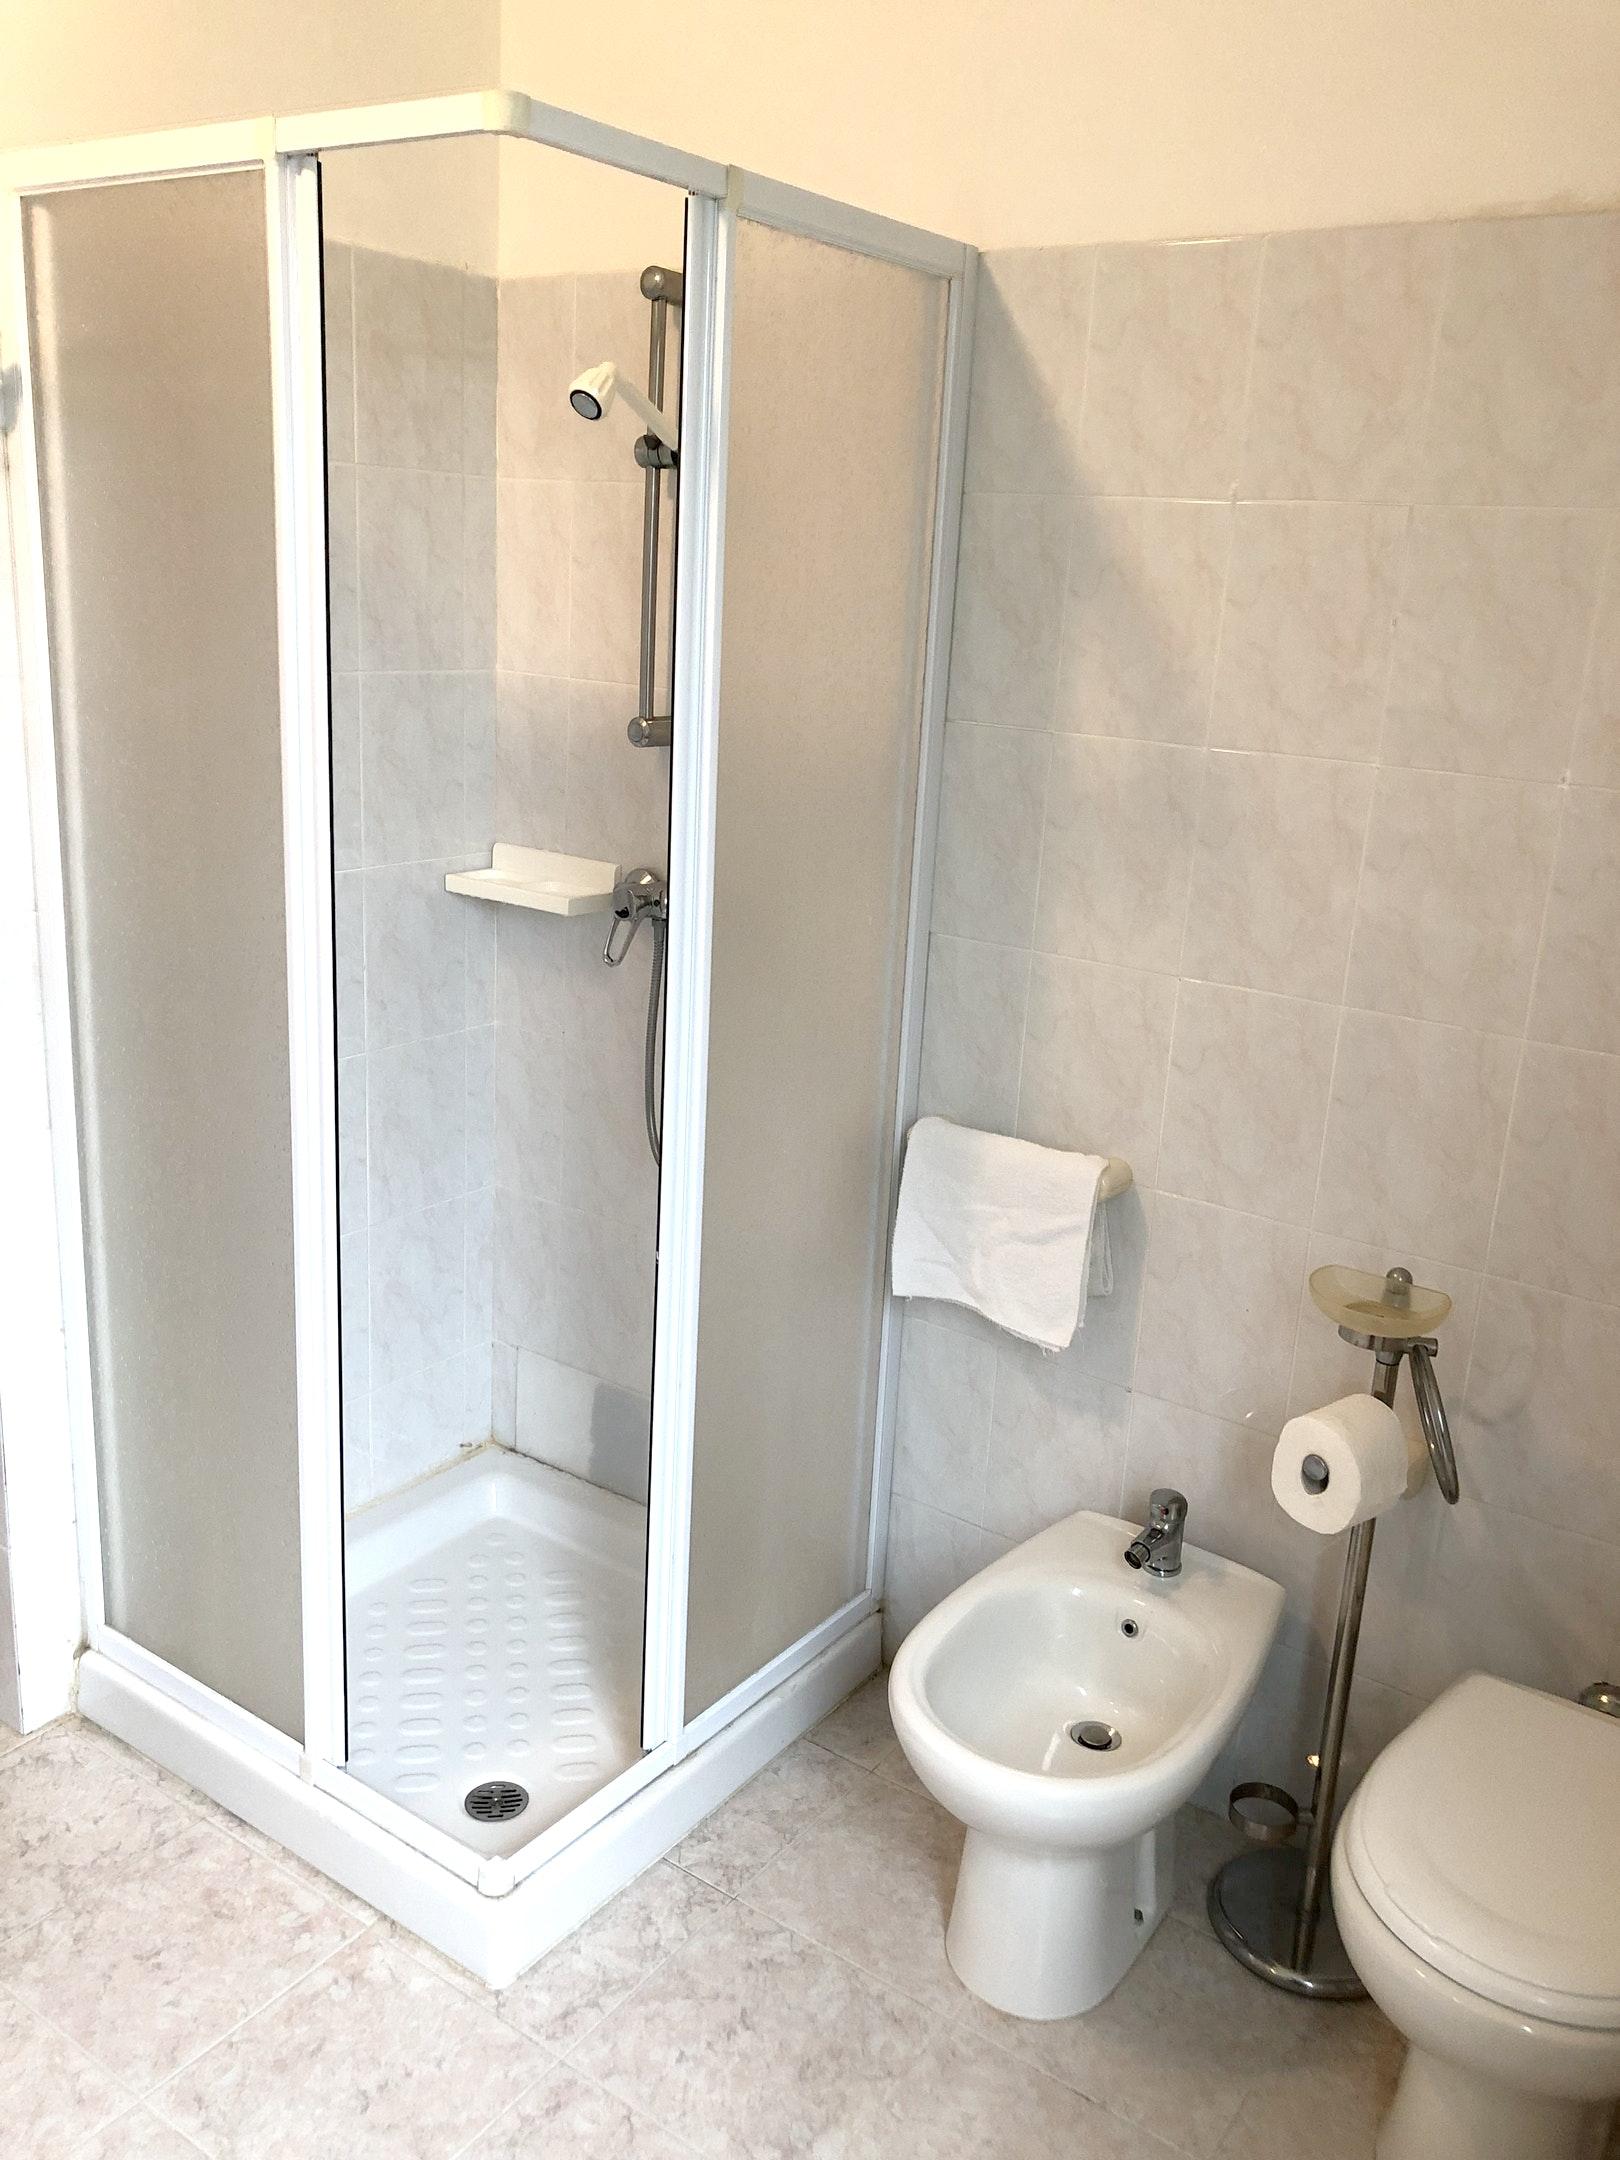 Ferienhaus Haus mit 3 Schlafzimmern in Montenero di bisaccia mit herrlichem Meerblick und eingezäunte (2524275), Montenero di Bisaccia, Campobasso, Molise, Italien, Bild 25